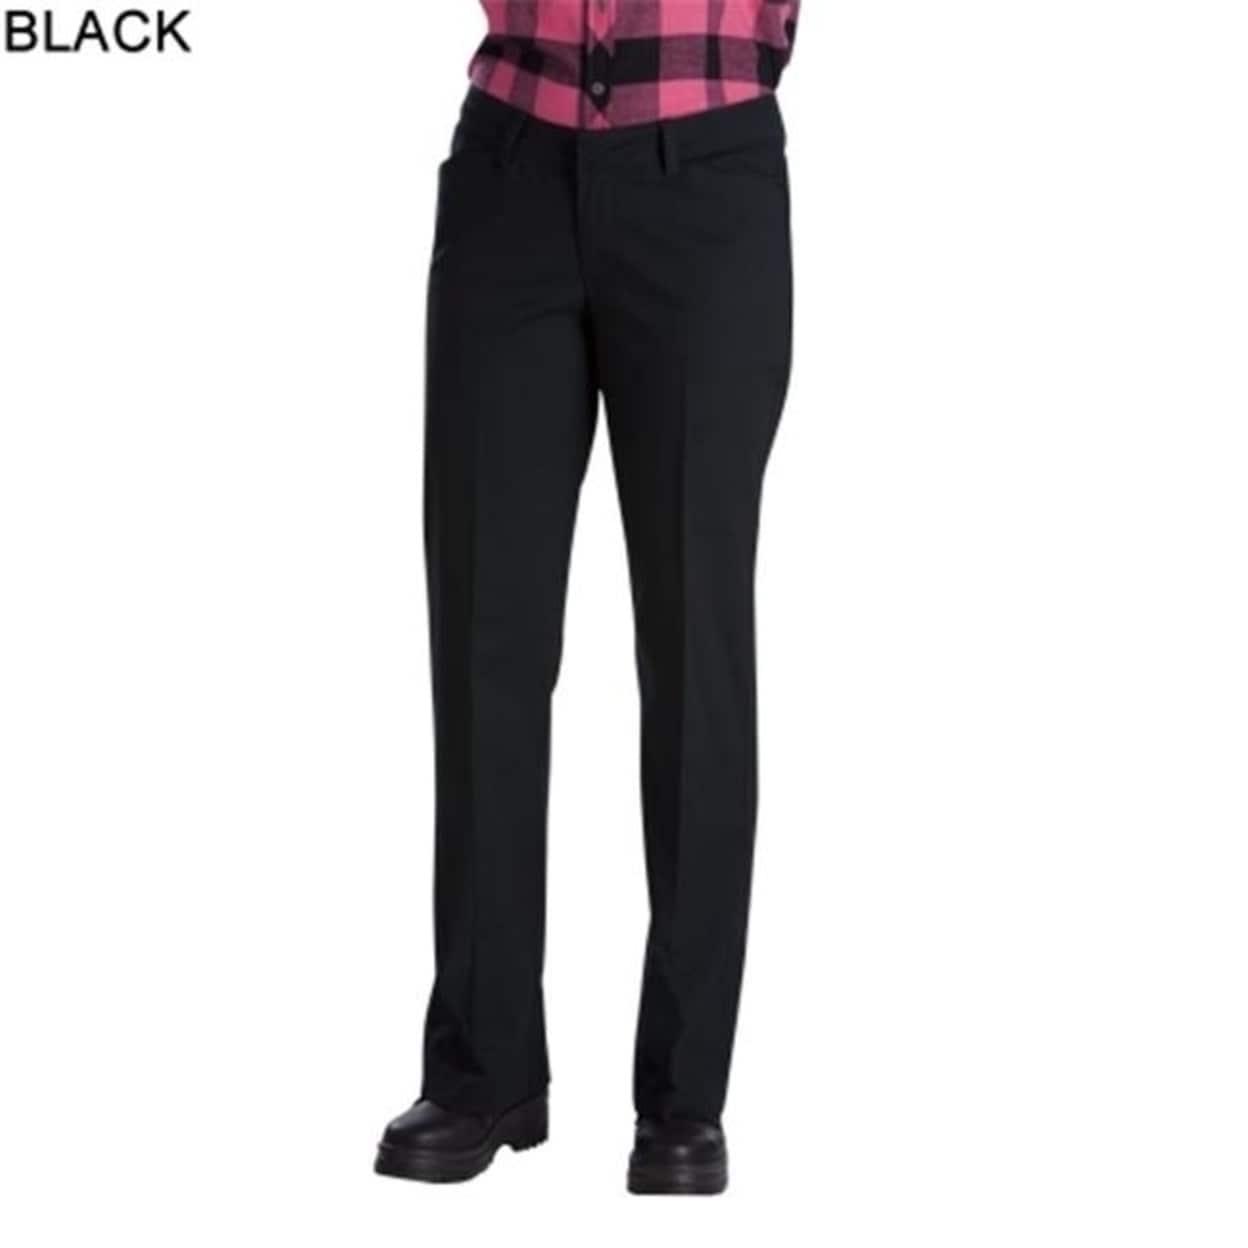 2fd7371bbb7c Dickies Pants